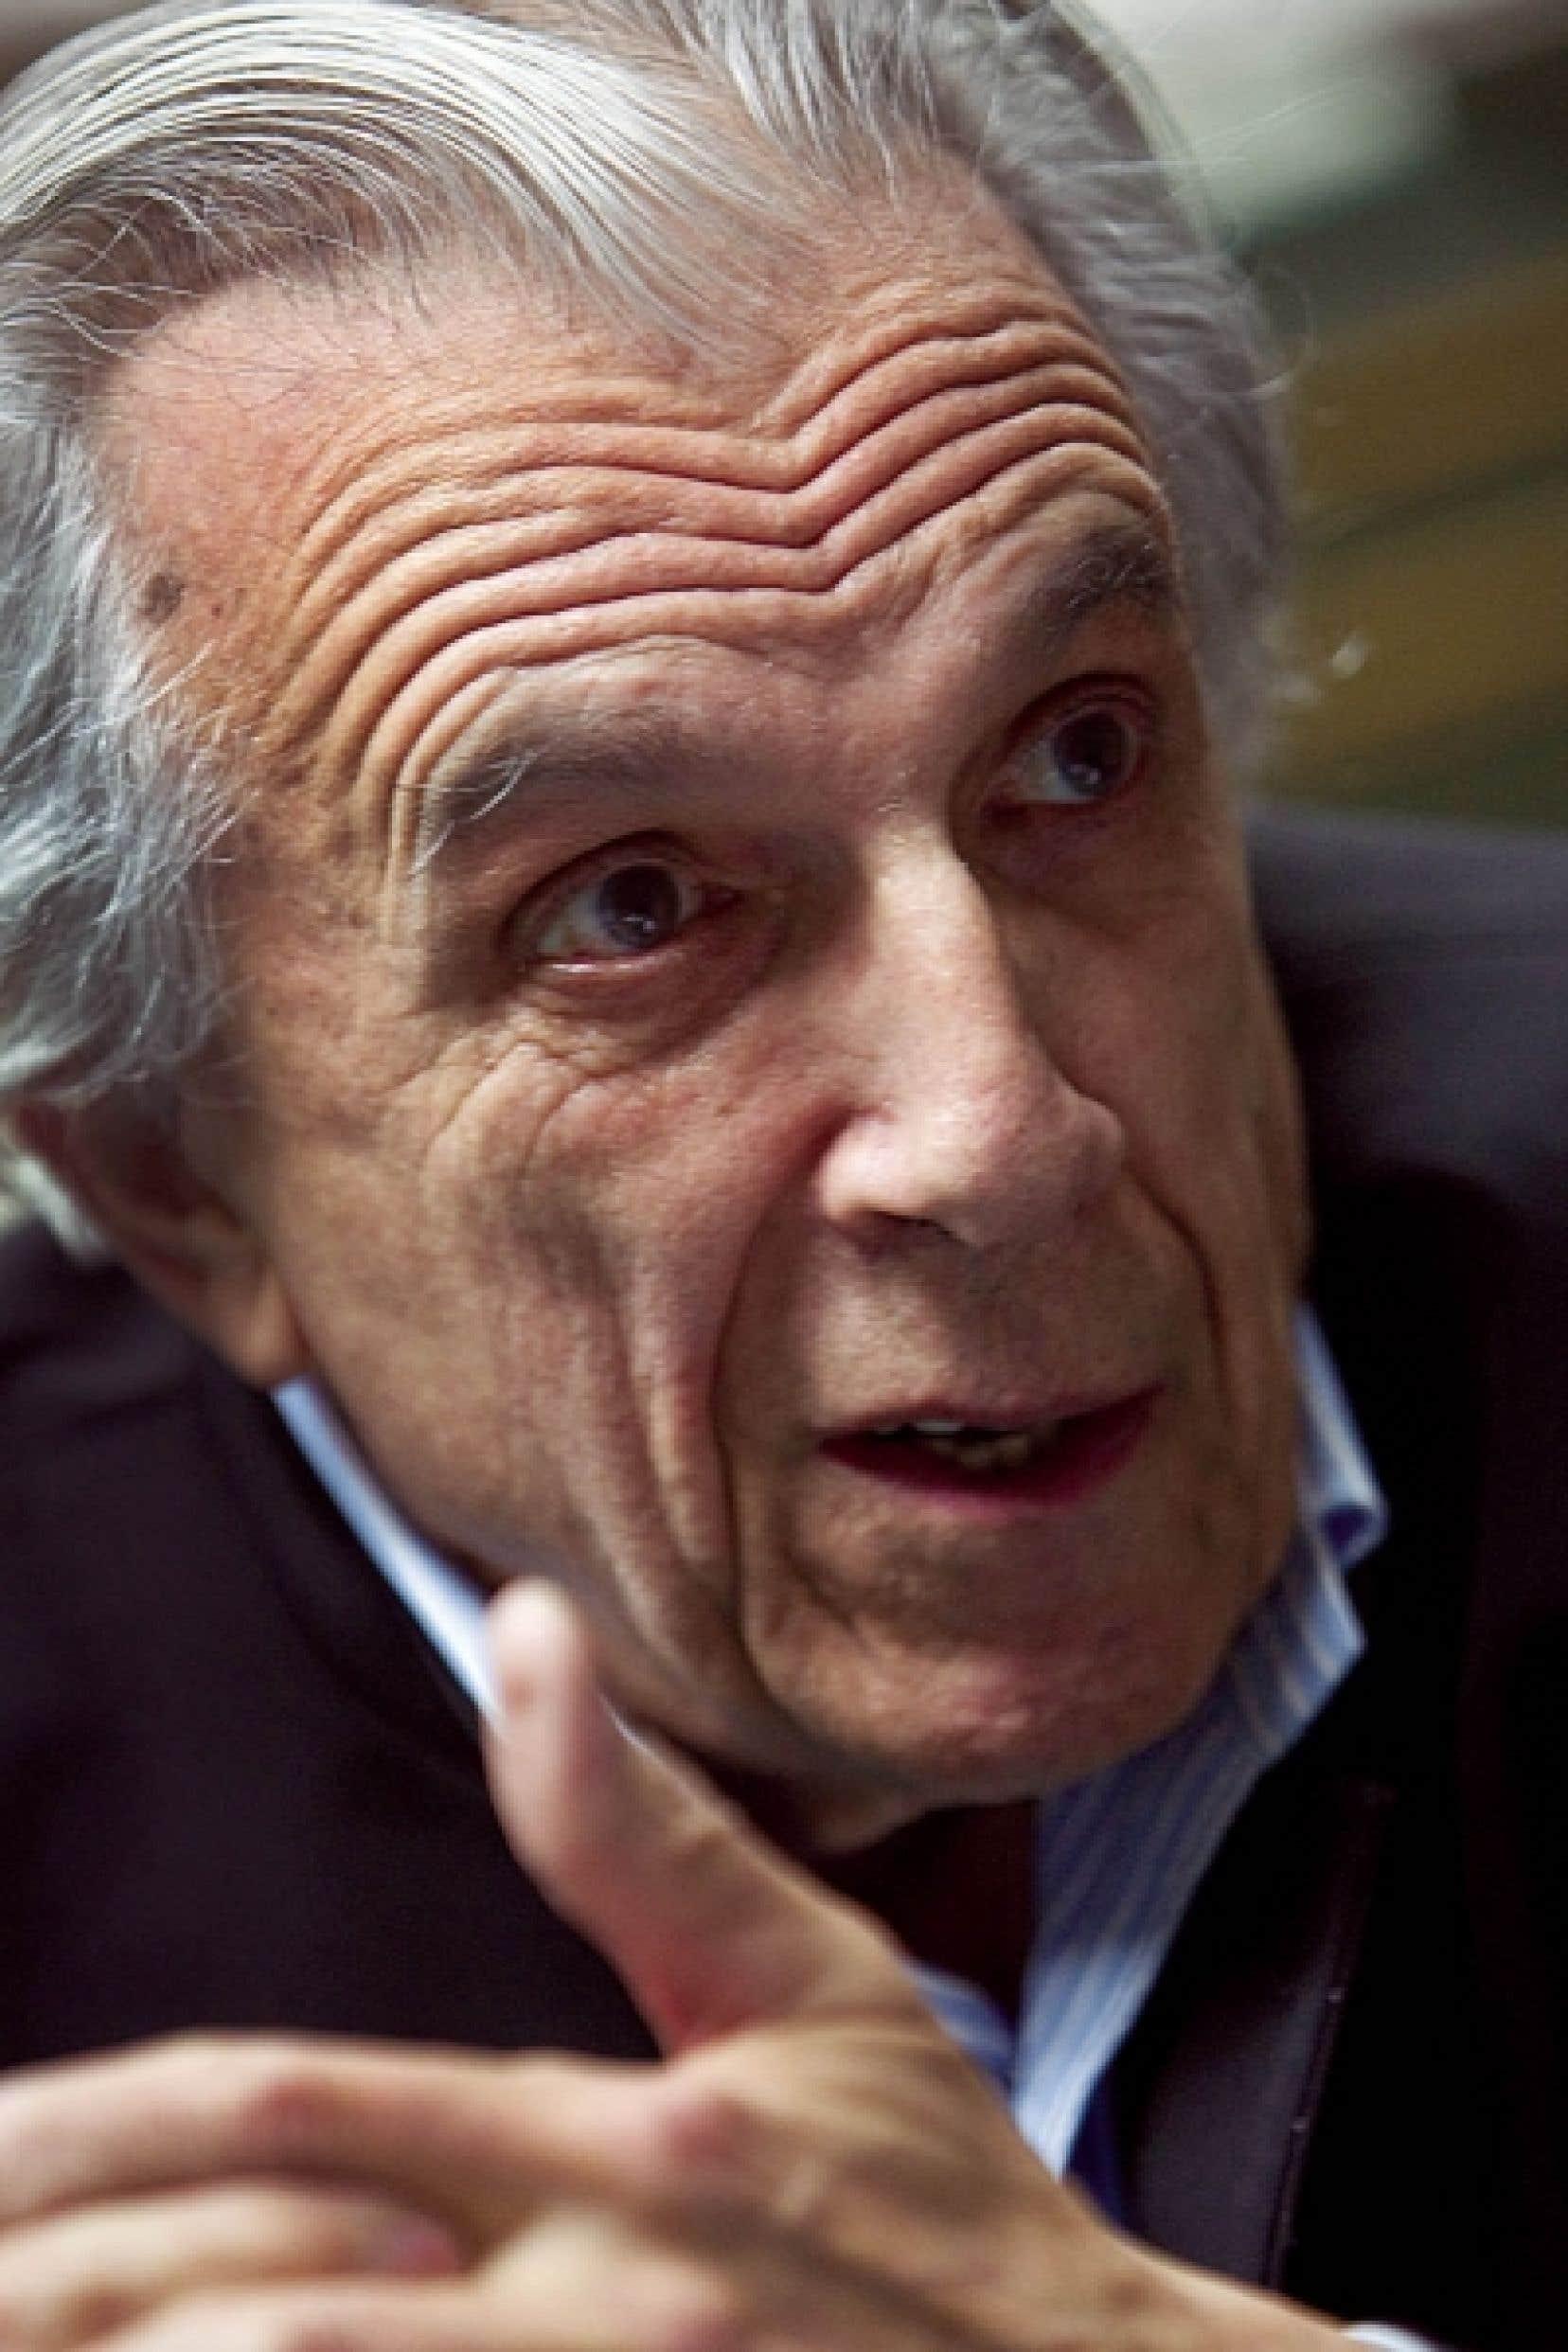 Longtemps publié à Paris chez Robert-Laffont, Jacques Folch-Ribas a été finaliste au prix Goncourt pour deux romans: Une aurore boréale publié en 1974 et La Chair de Pierre (1989), préfacé ensuite par François Nourissier.